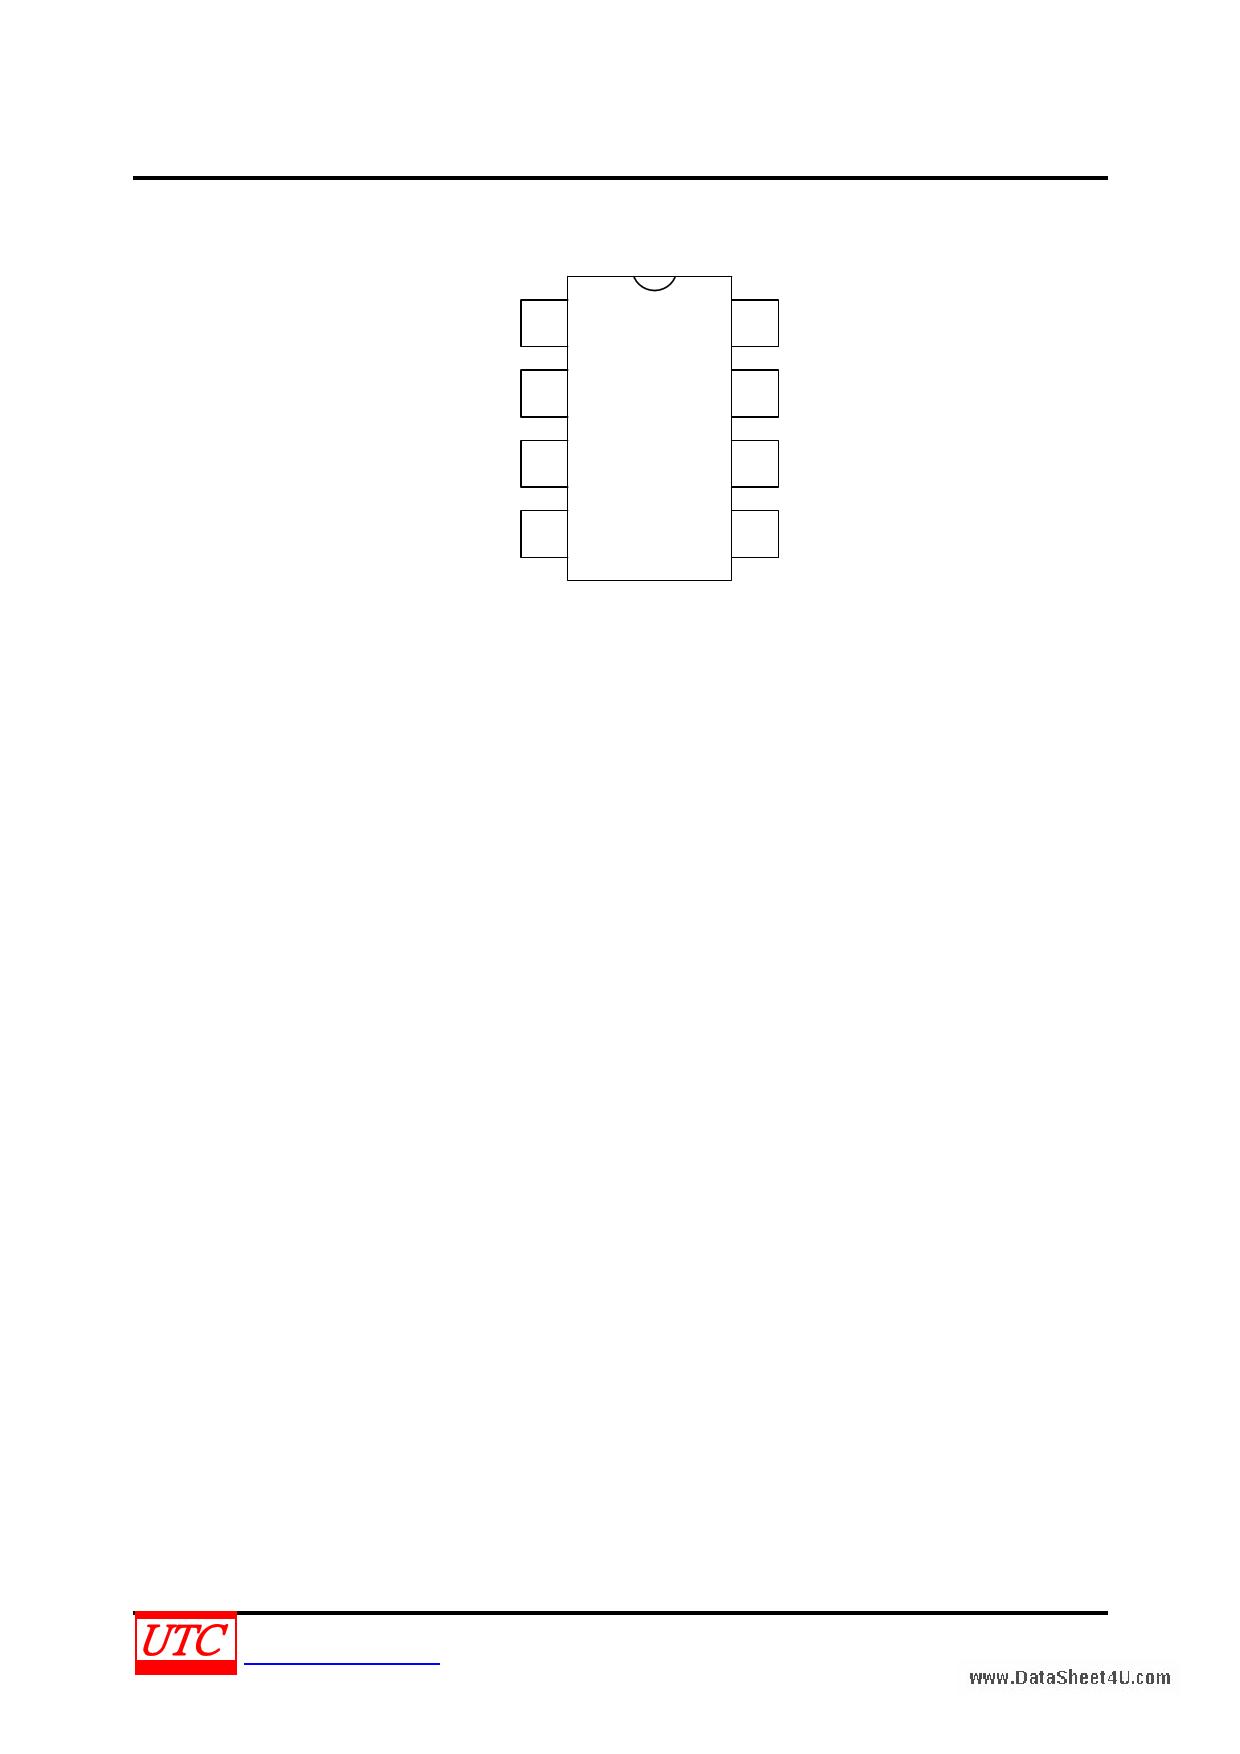 A2804 pdf, schematic